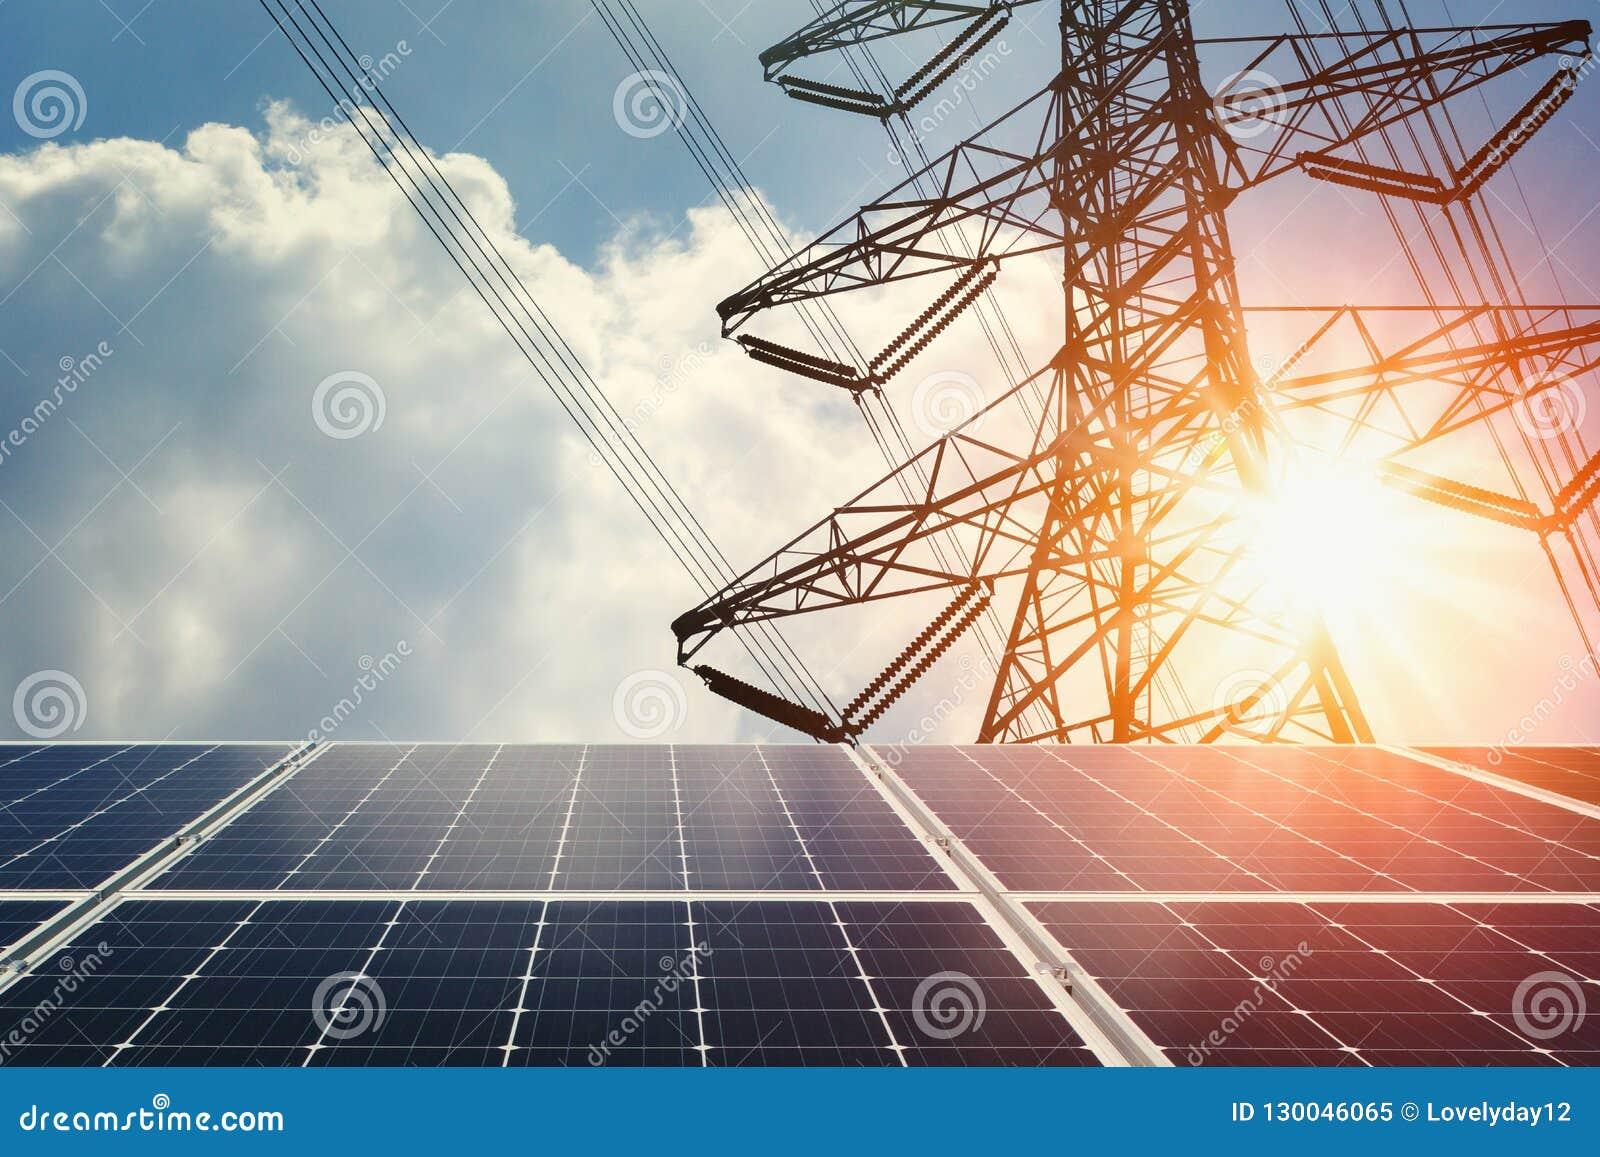 太阳电池板和高压塔与阳光 清洁能源p